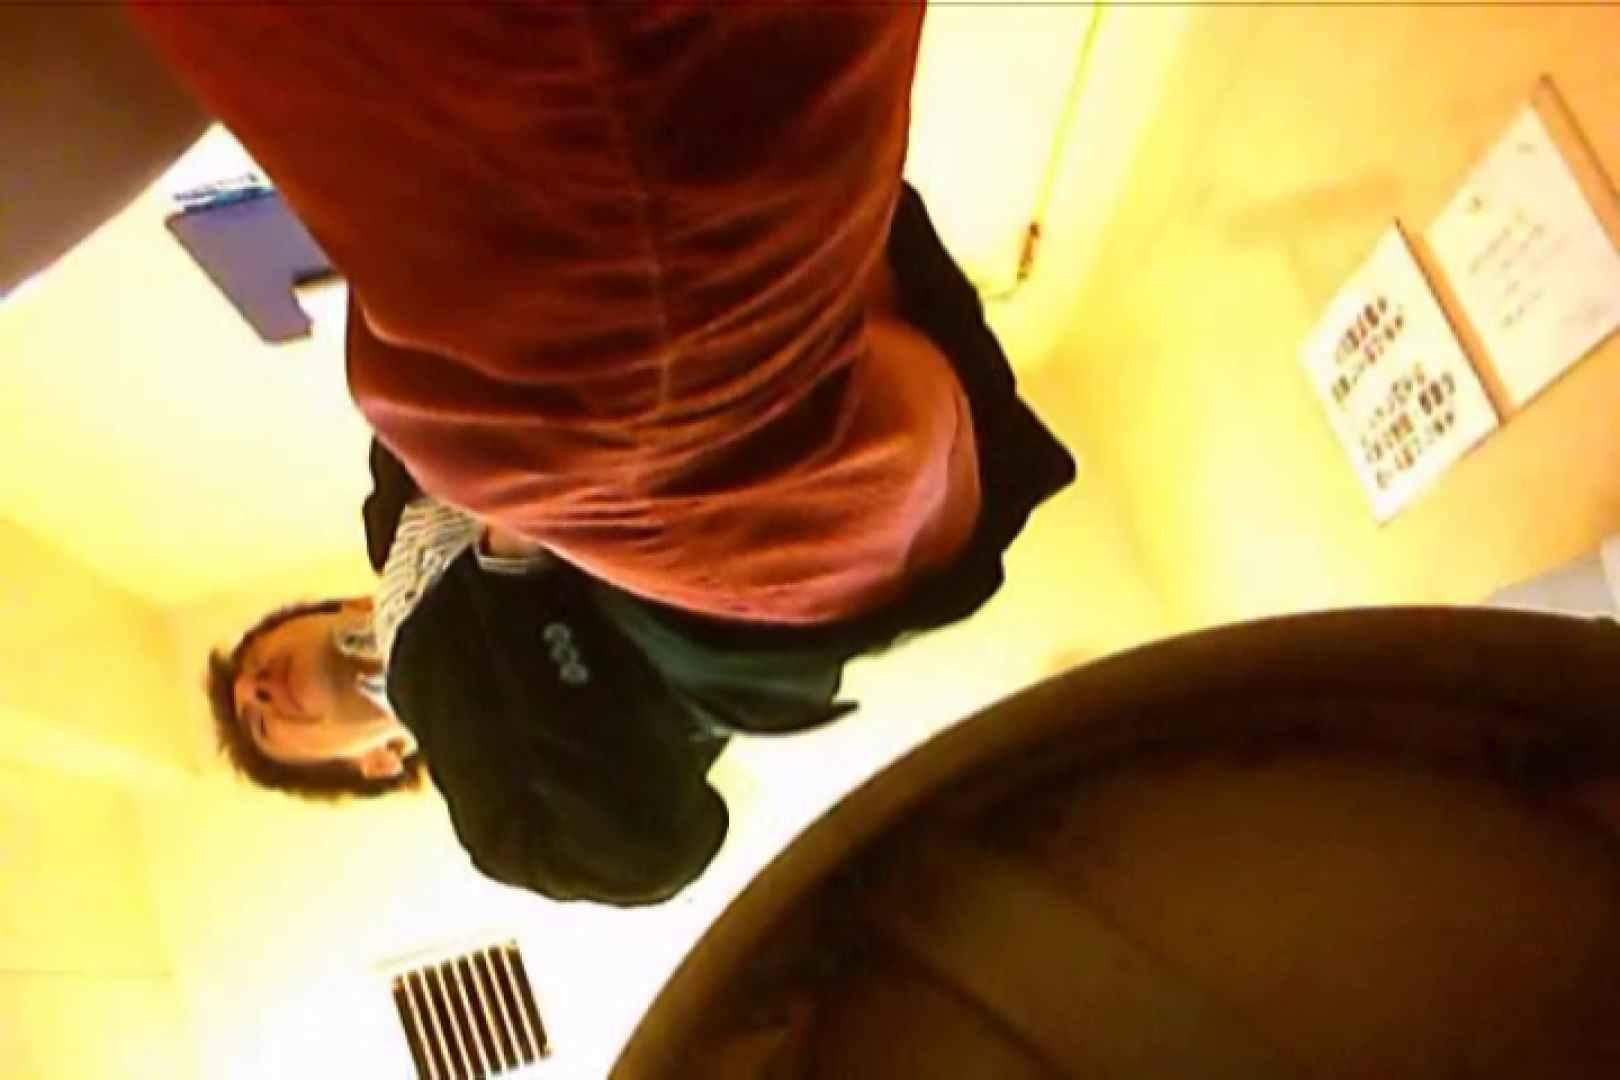 SEASON 2ND!掴み取りさんの洗面所覗き!in新幹線!VOL.04 完全無修正でお届け   ノンケボーイズ  64pic 28